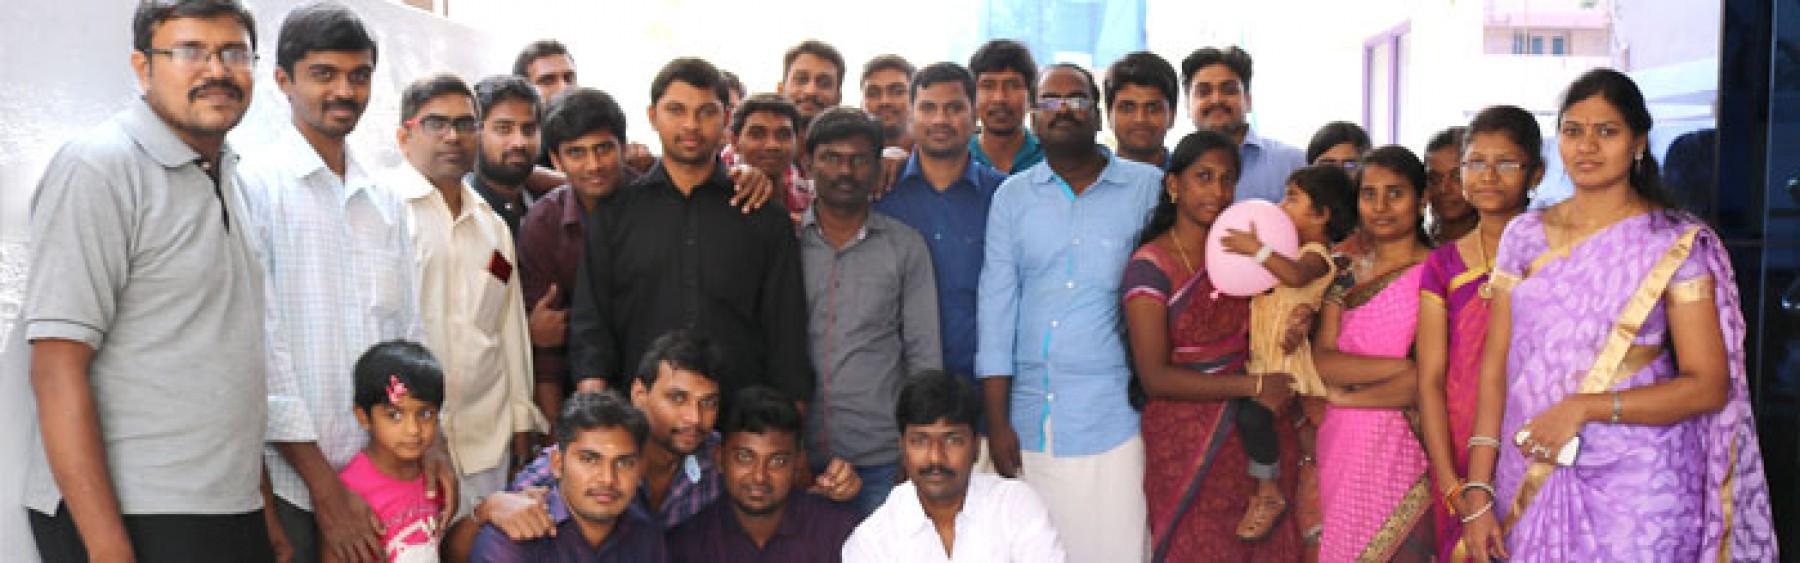 mpi team